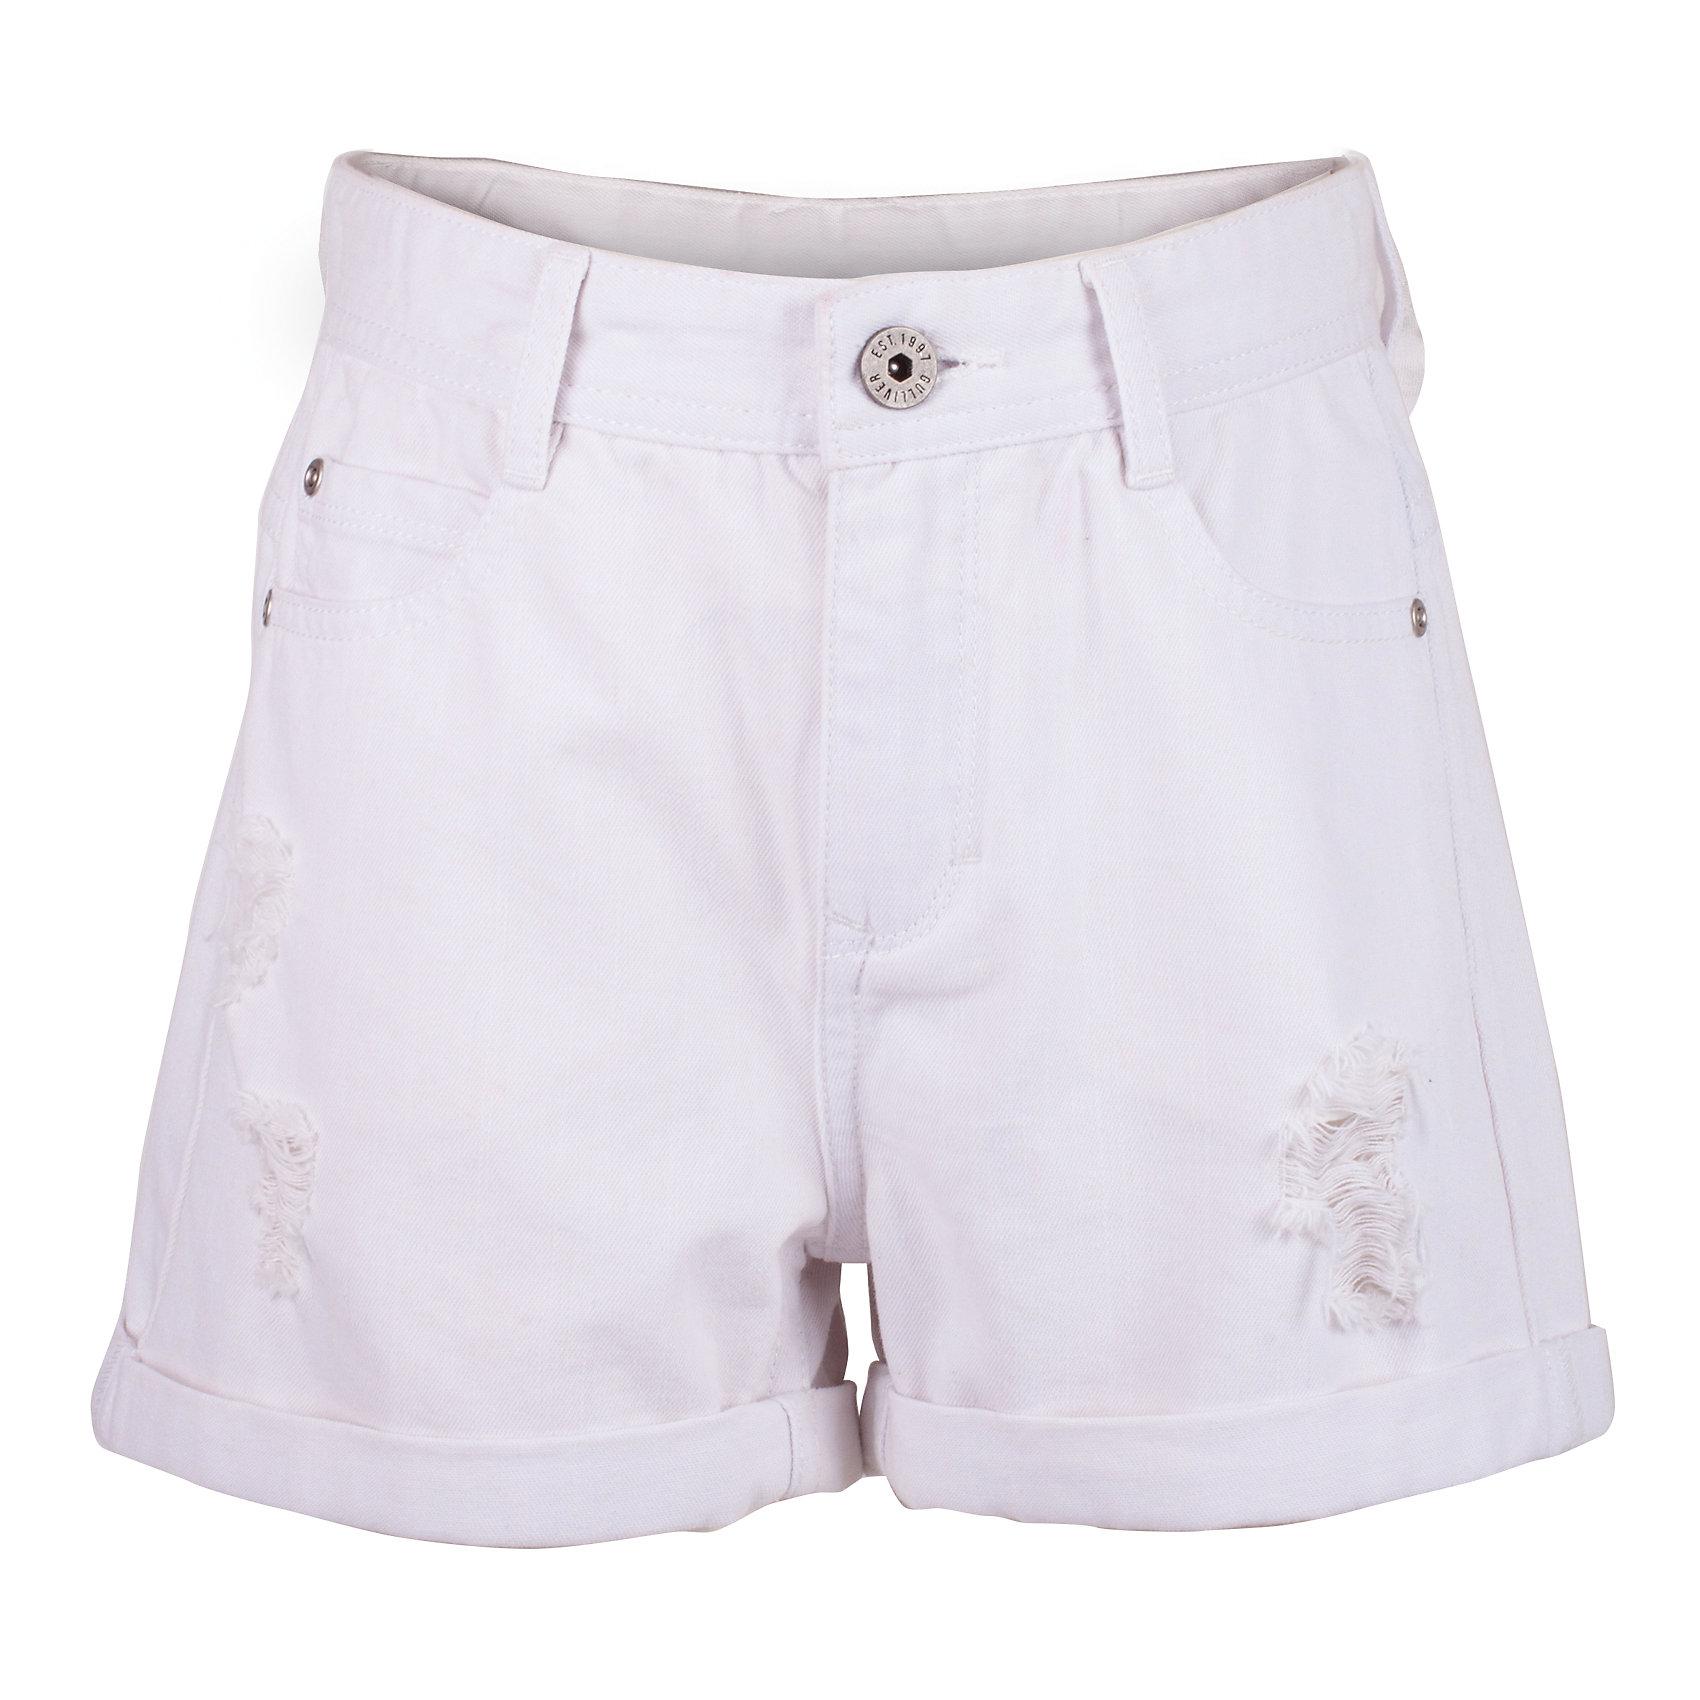 Шорты для девочки GulliverШорты, бриджи, капри<br>Белые шорты для девочки - идеальный вариант для комфортного лета! С любой футболкой, майкой, топом, белые шорты составят отличный комплект! Увы, не каждые шорты станут для стильной девочки-подростка настоящим подарком... Но шорты от Gulliver - модель, которую даже самые требовательные модницы оценят по достоинству! Правильная длина, современная посадка изделия на фигуре, повреждения и отделка заднего кармана серебряным принтом делают эти шорты основой стильного летнего гардероба подростка! Если вы собираетесь купить шорты, помните, что модные детские шорты в сезоне Весна/Лето 2017 должны быть именно такими!<br>Состав:<br>100% хлопок<br><br>Ширина мм: 191<br>Глубина мм: 10<br>Высота мм: 175<br>Вес г: 273<br>Цвет: белый<br>Возраст от месяцев: 156<br>Возраст до месяцев: 168<br>Пол: Женский<br>Возраст: Детский<br>Размер: 164,146,152,158<br>SKU: 5483074